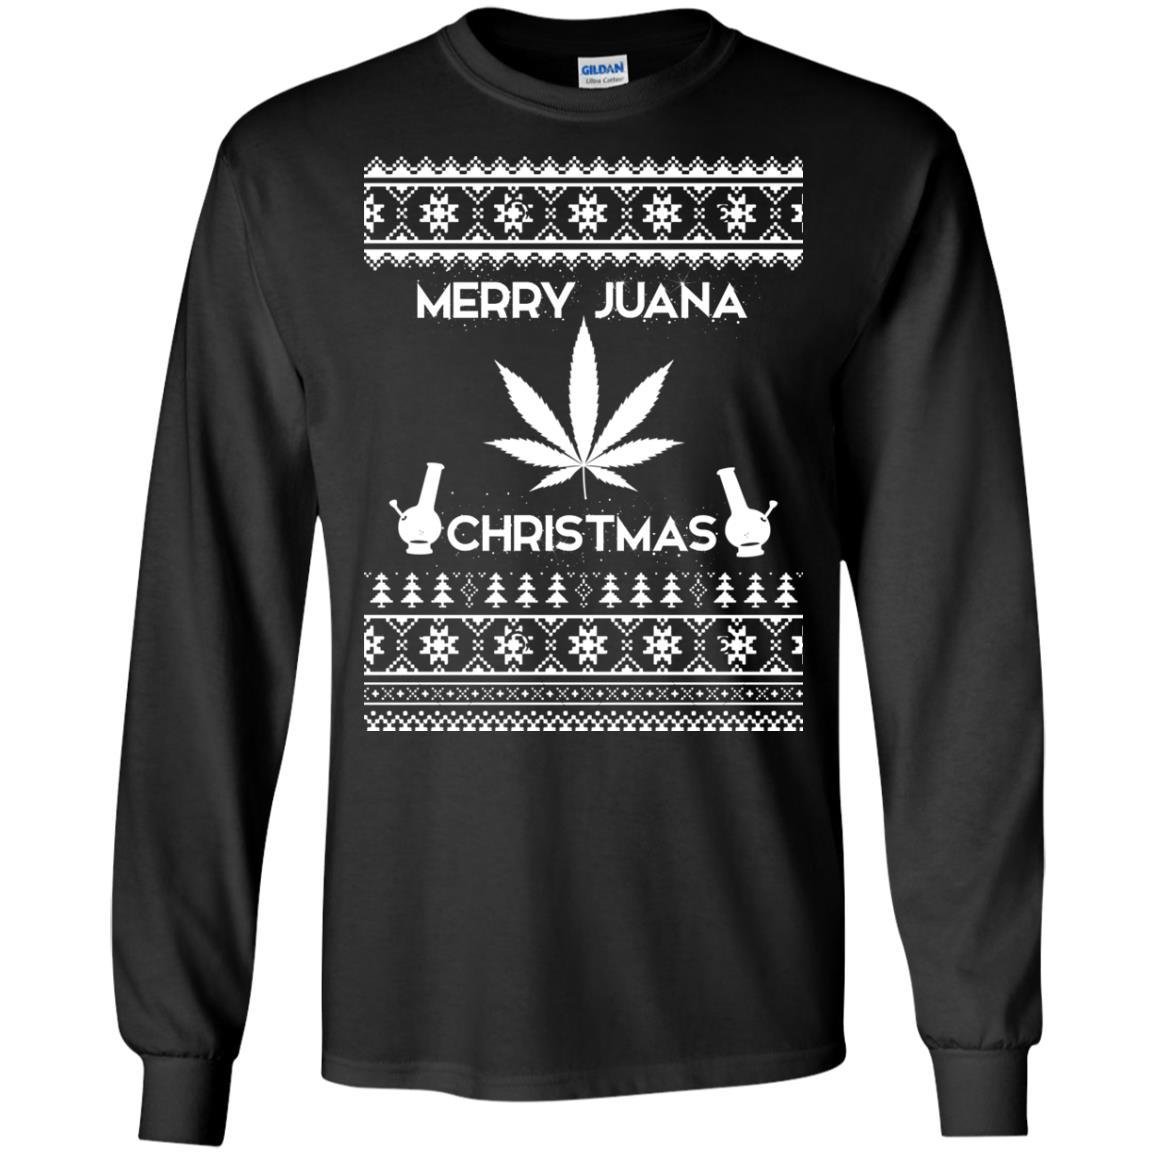 image 3884 - Merry Juana Weed Christmas Sweater, Ugly Sweatshirt